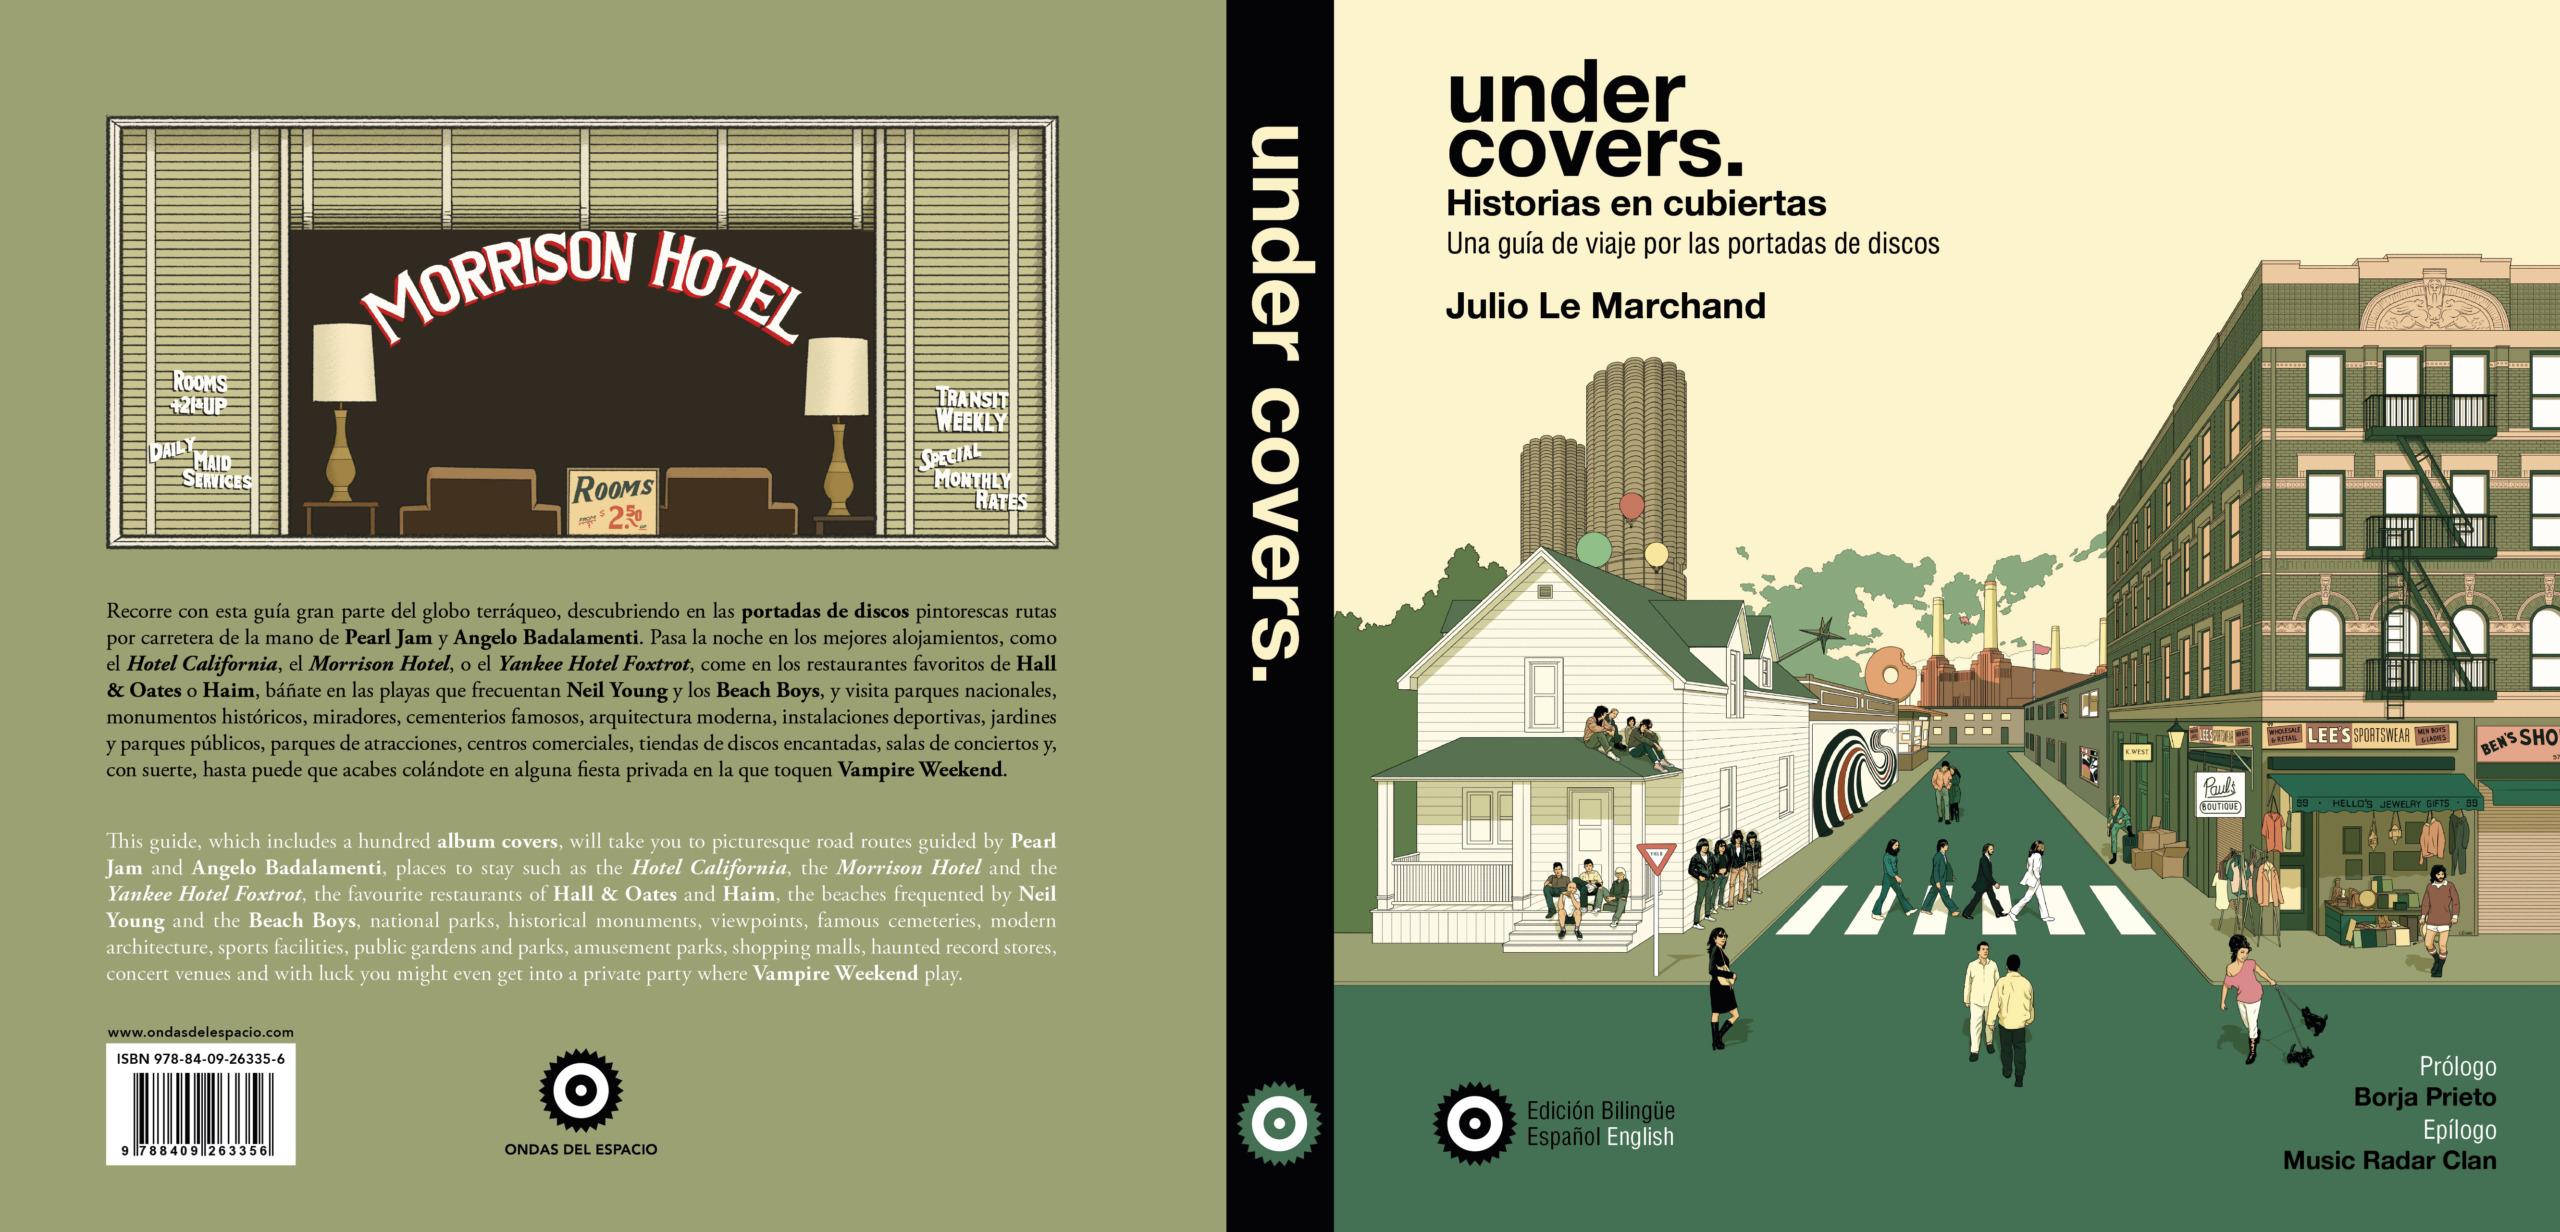 NUEVO LIBRO - Under Covers: Historias en cubiertas (Una guía de viaje por las portadas de discos) - Página 3 Portad12